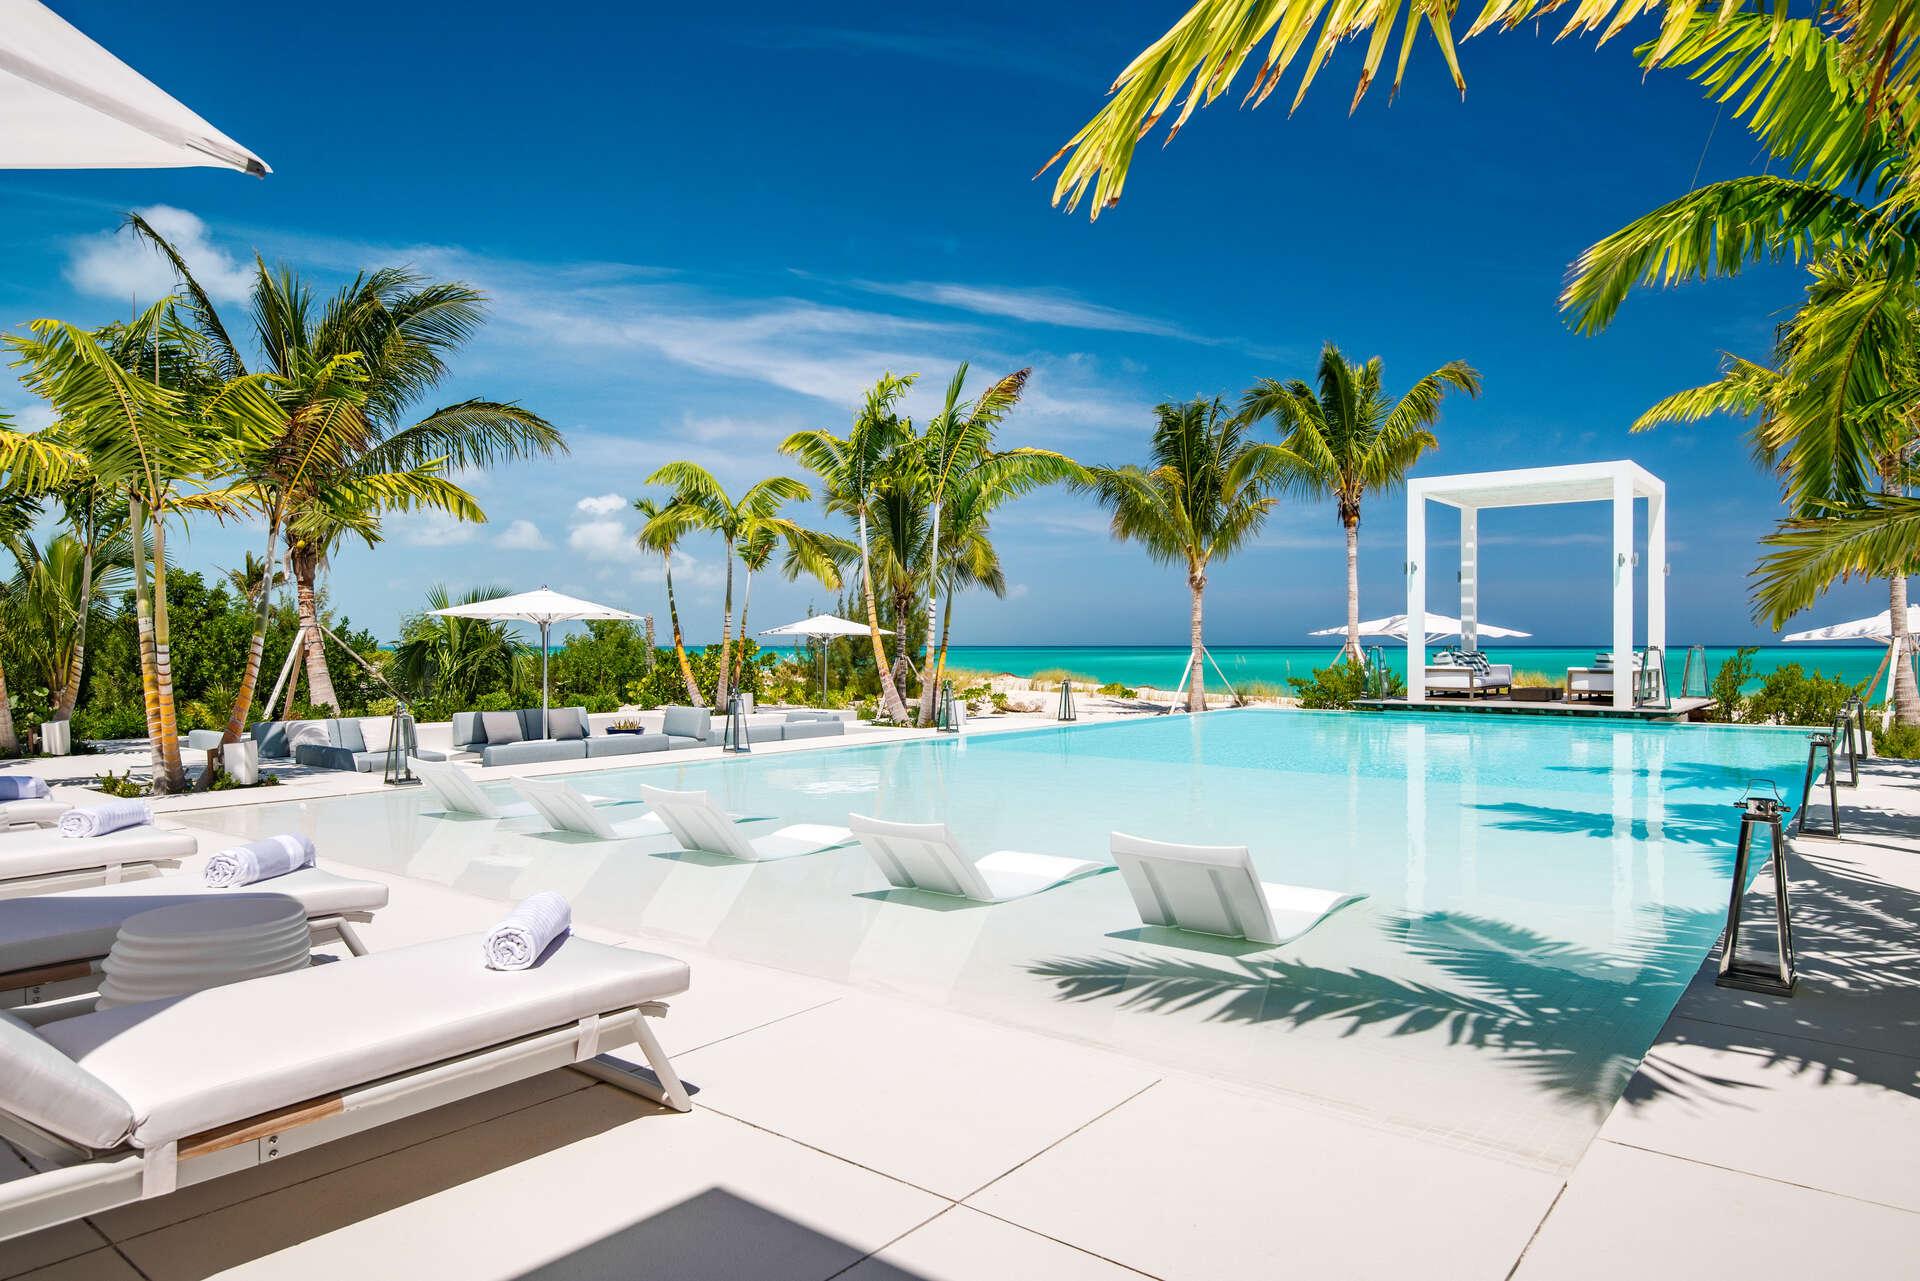 Luxury villa rentals caribbean - Turks and caicos - Providenciales - Leeward - Emerald Pavilion - Image 1/33